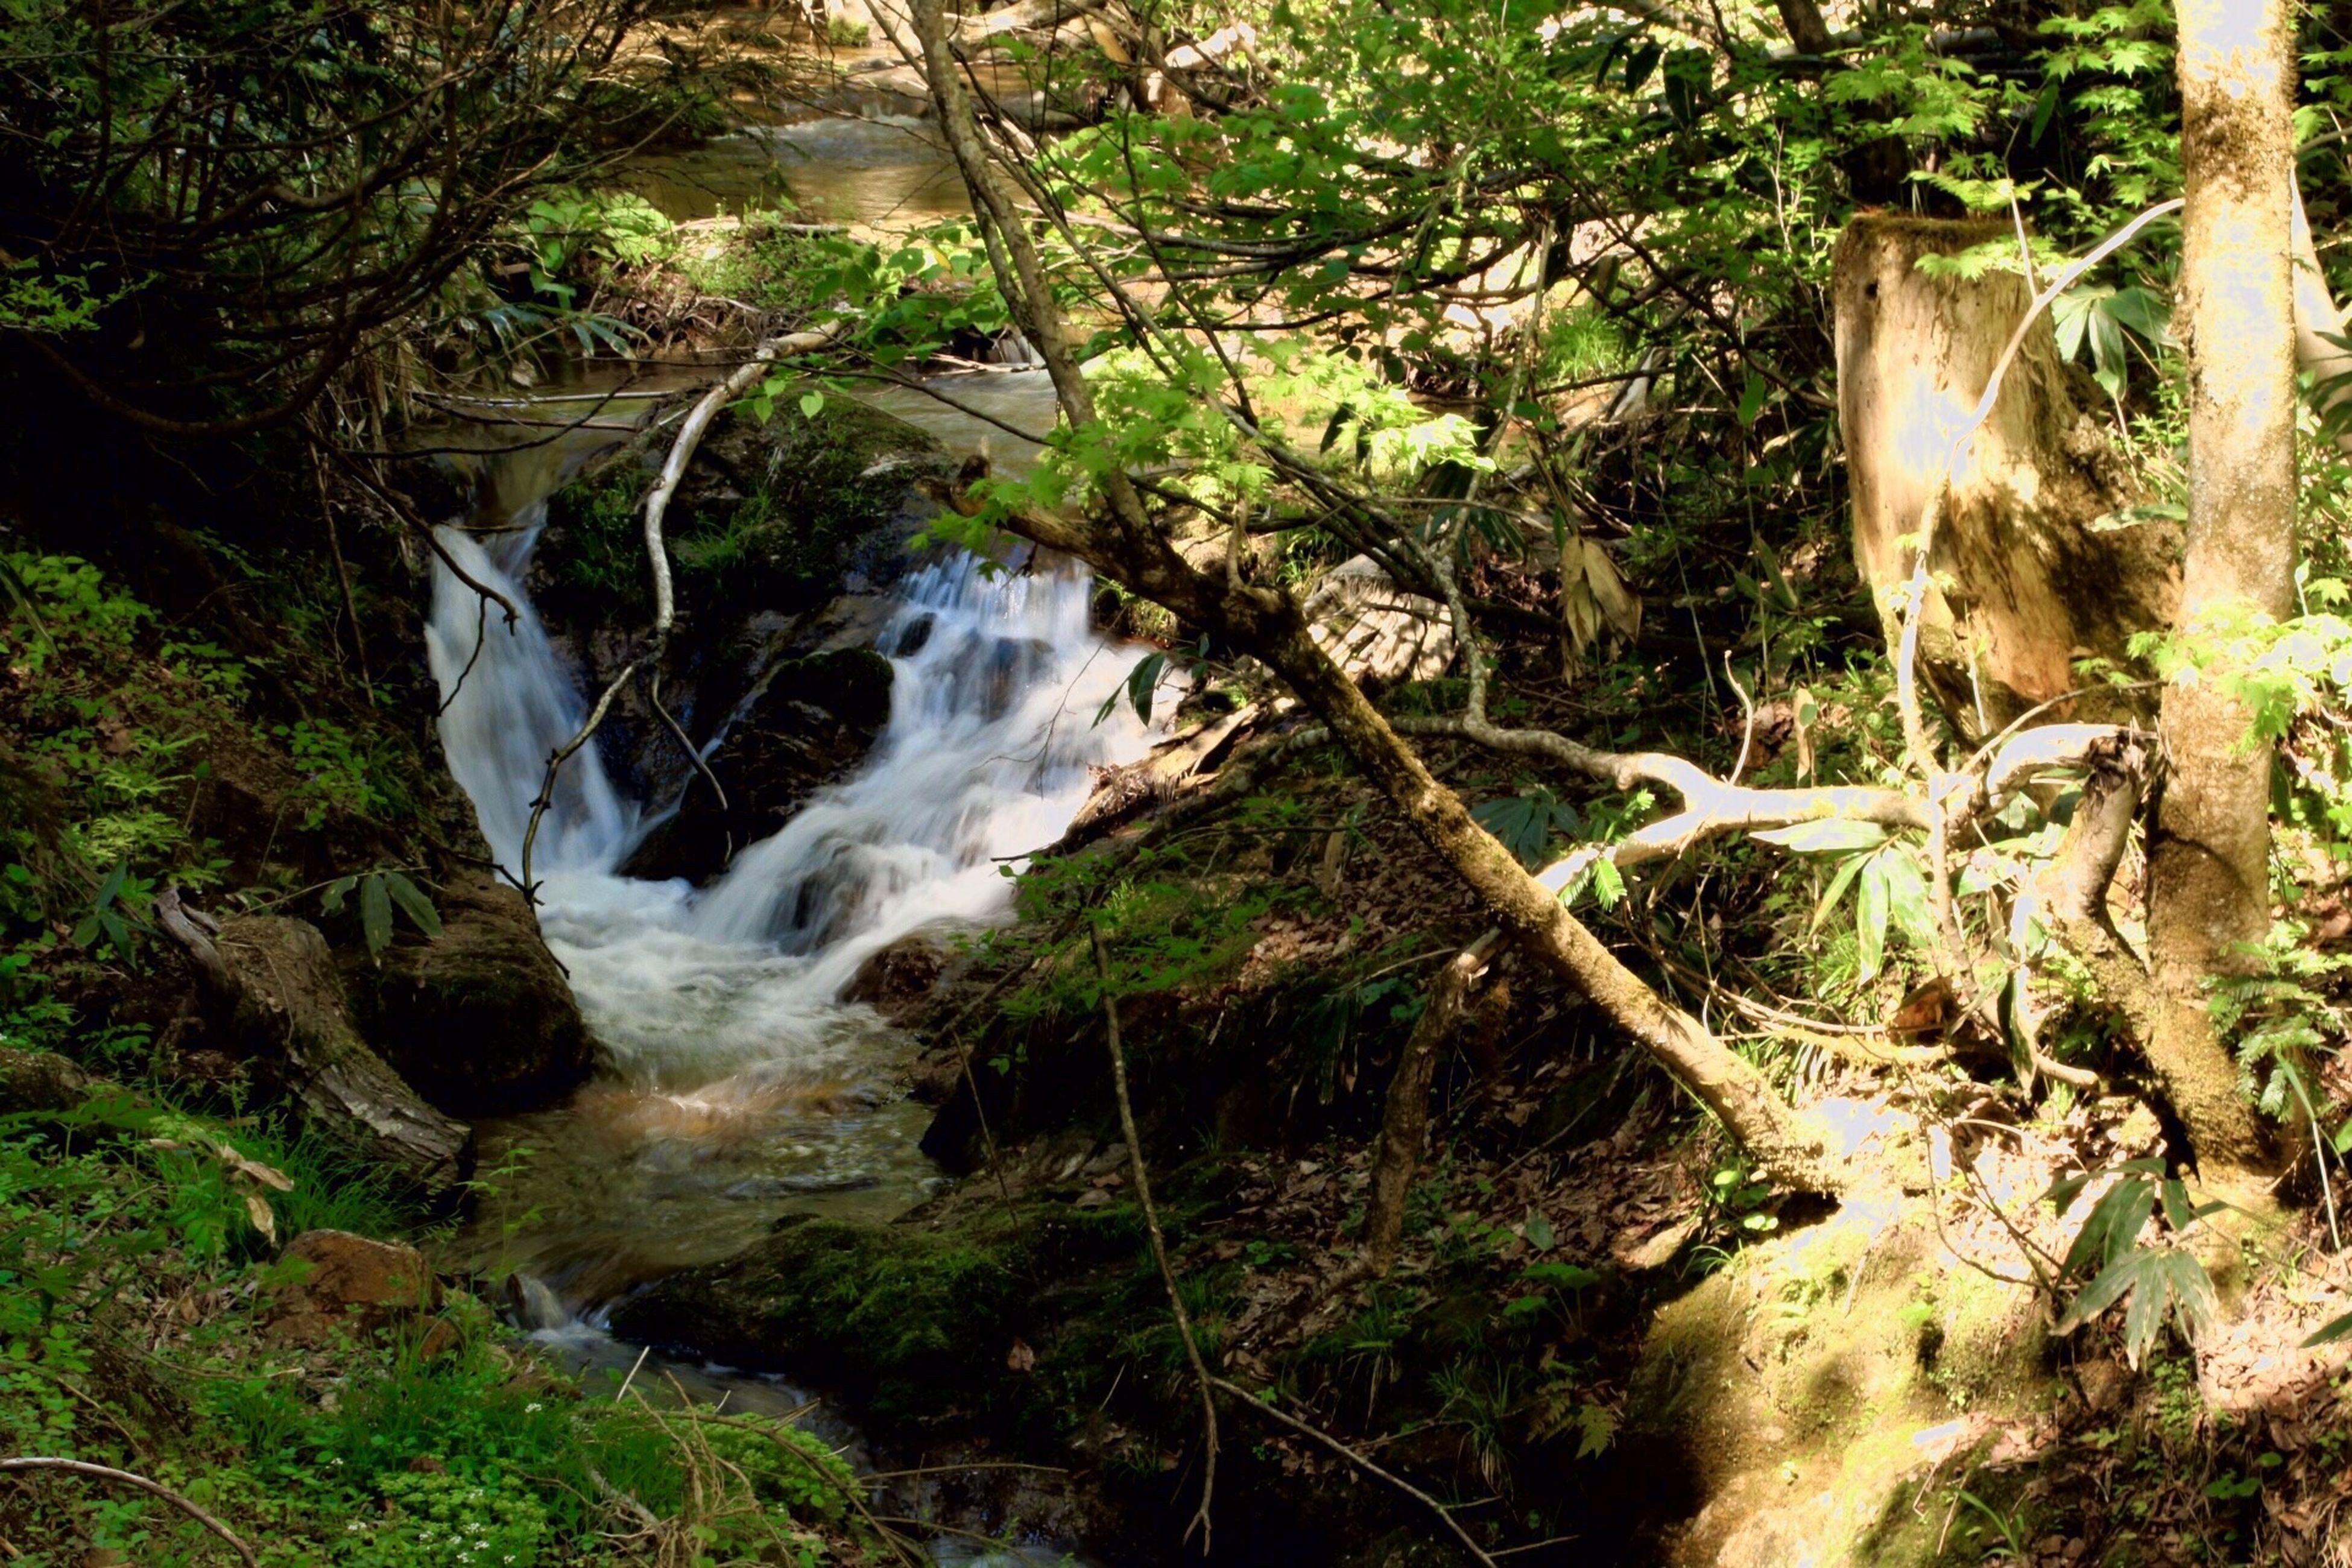 山形県 長井市 伊佐沢 に、気持ちの良い 渓流 があるのを知りました。 最上川 に流れ込む 支流 なのかな。 Canon EOS 70d Sigma 18_300mm Photo Mountain Stream